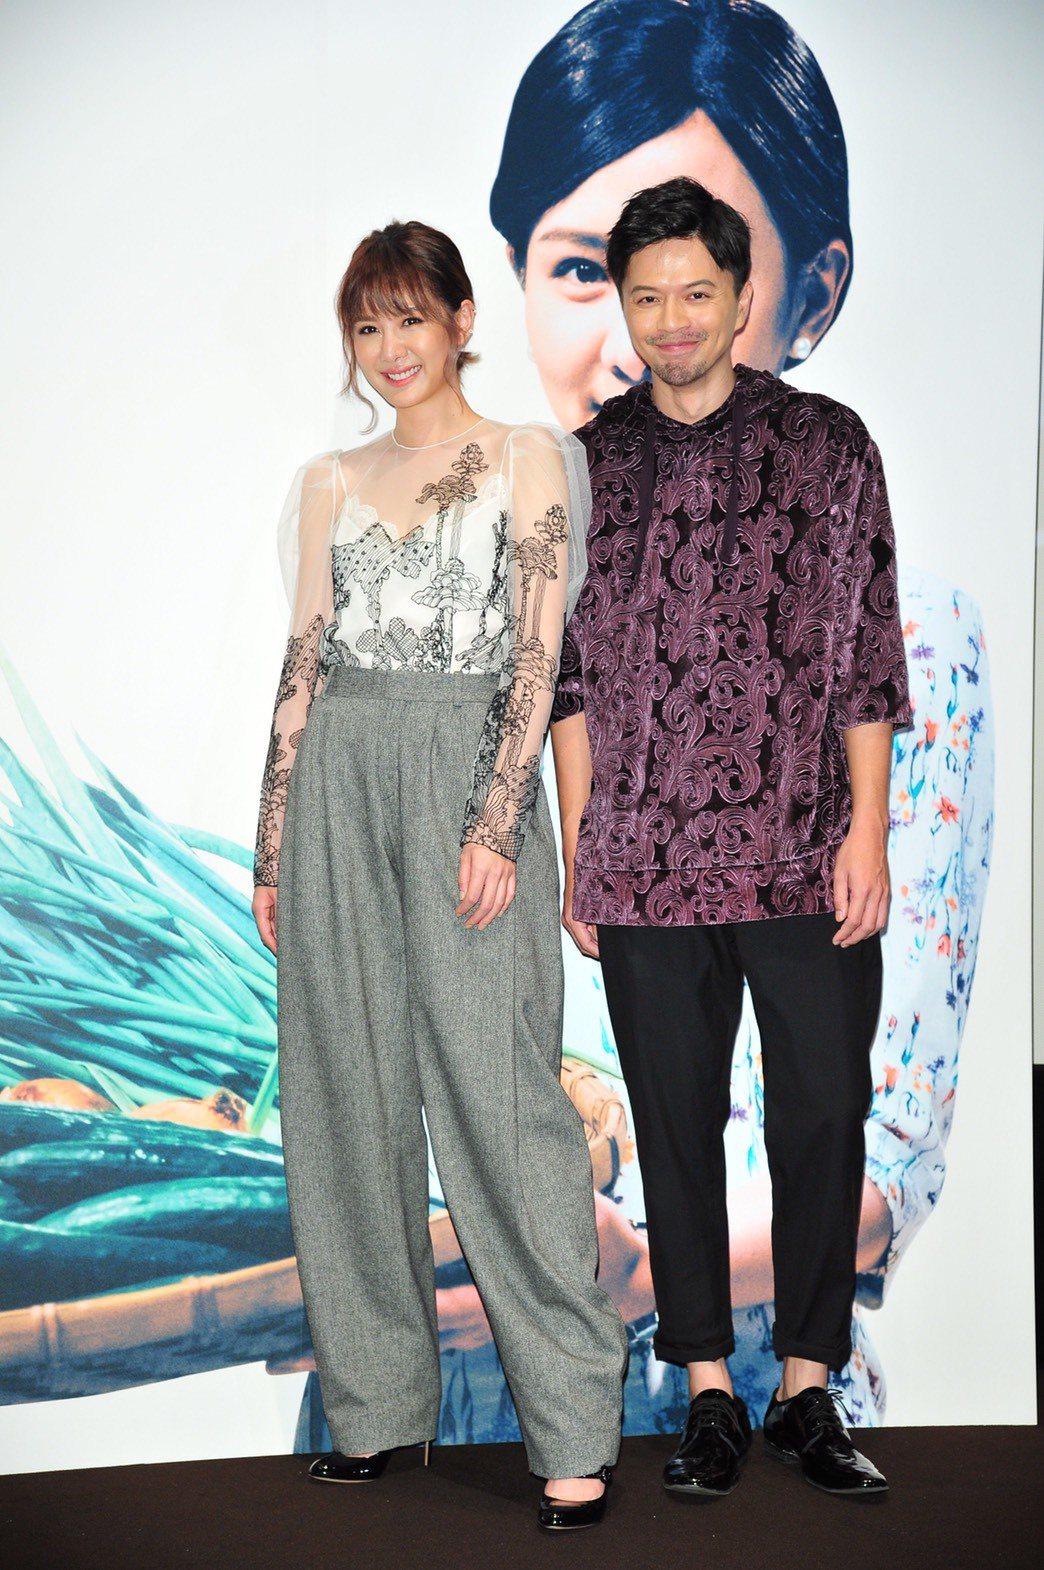 江常輝(右)被說像阿Ken,因此首映會上拱他與安心亞合照。圖/好風光提供